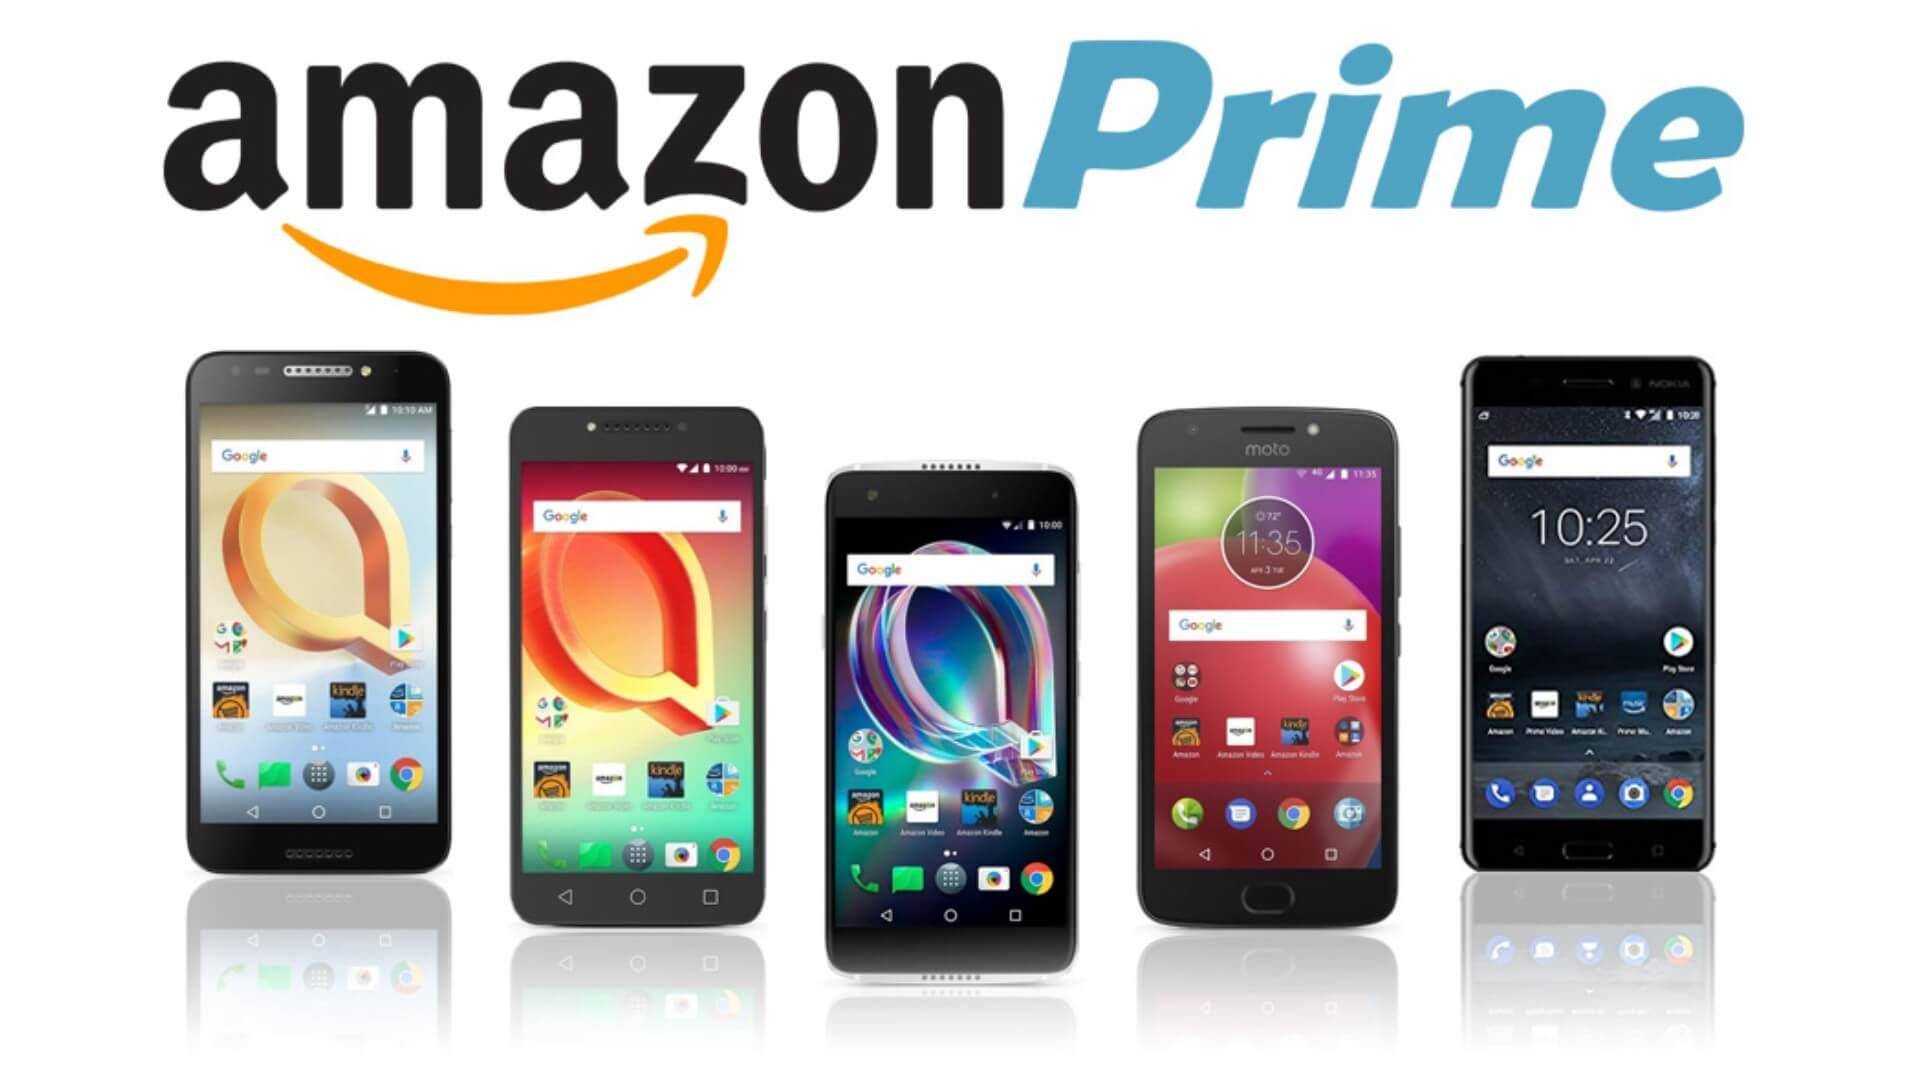 amazon prime exclusive phones